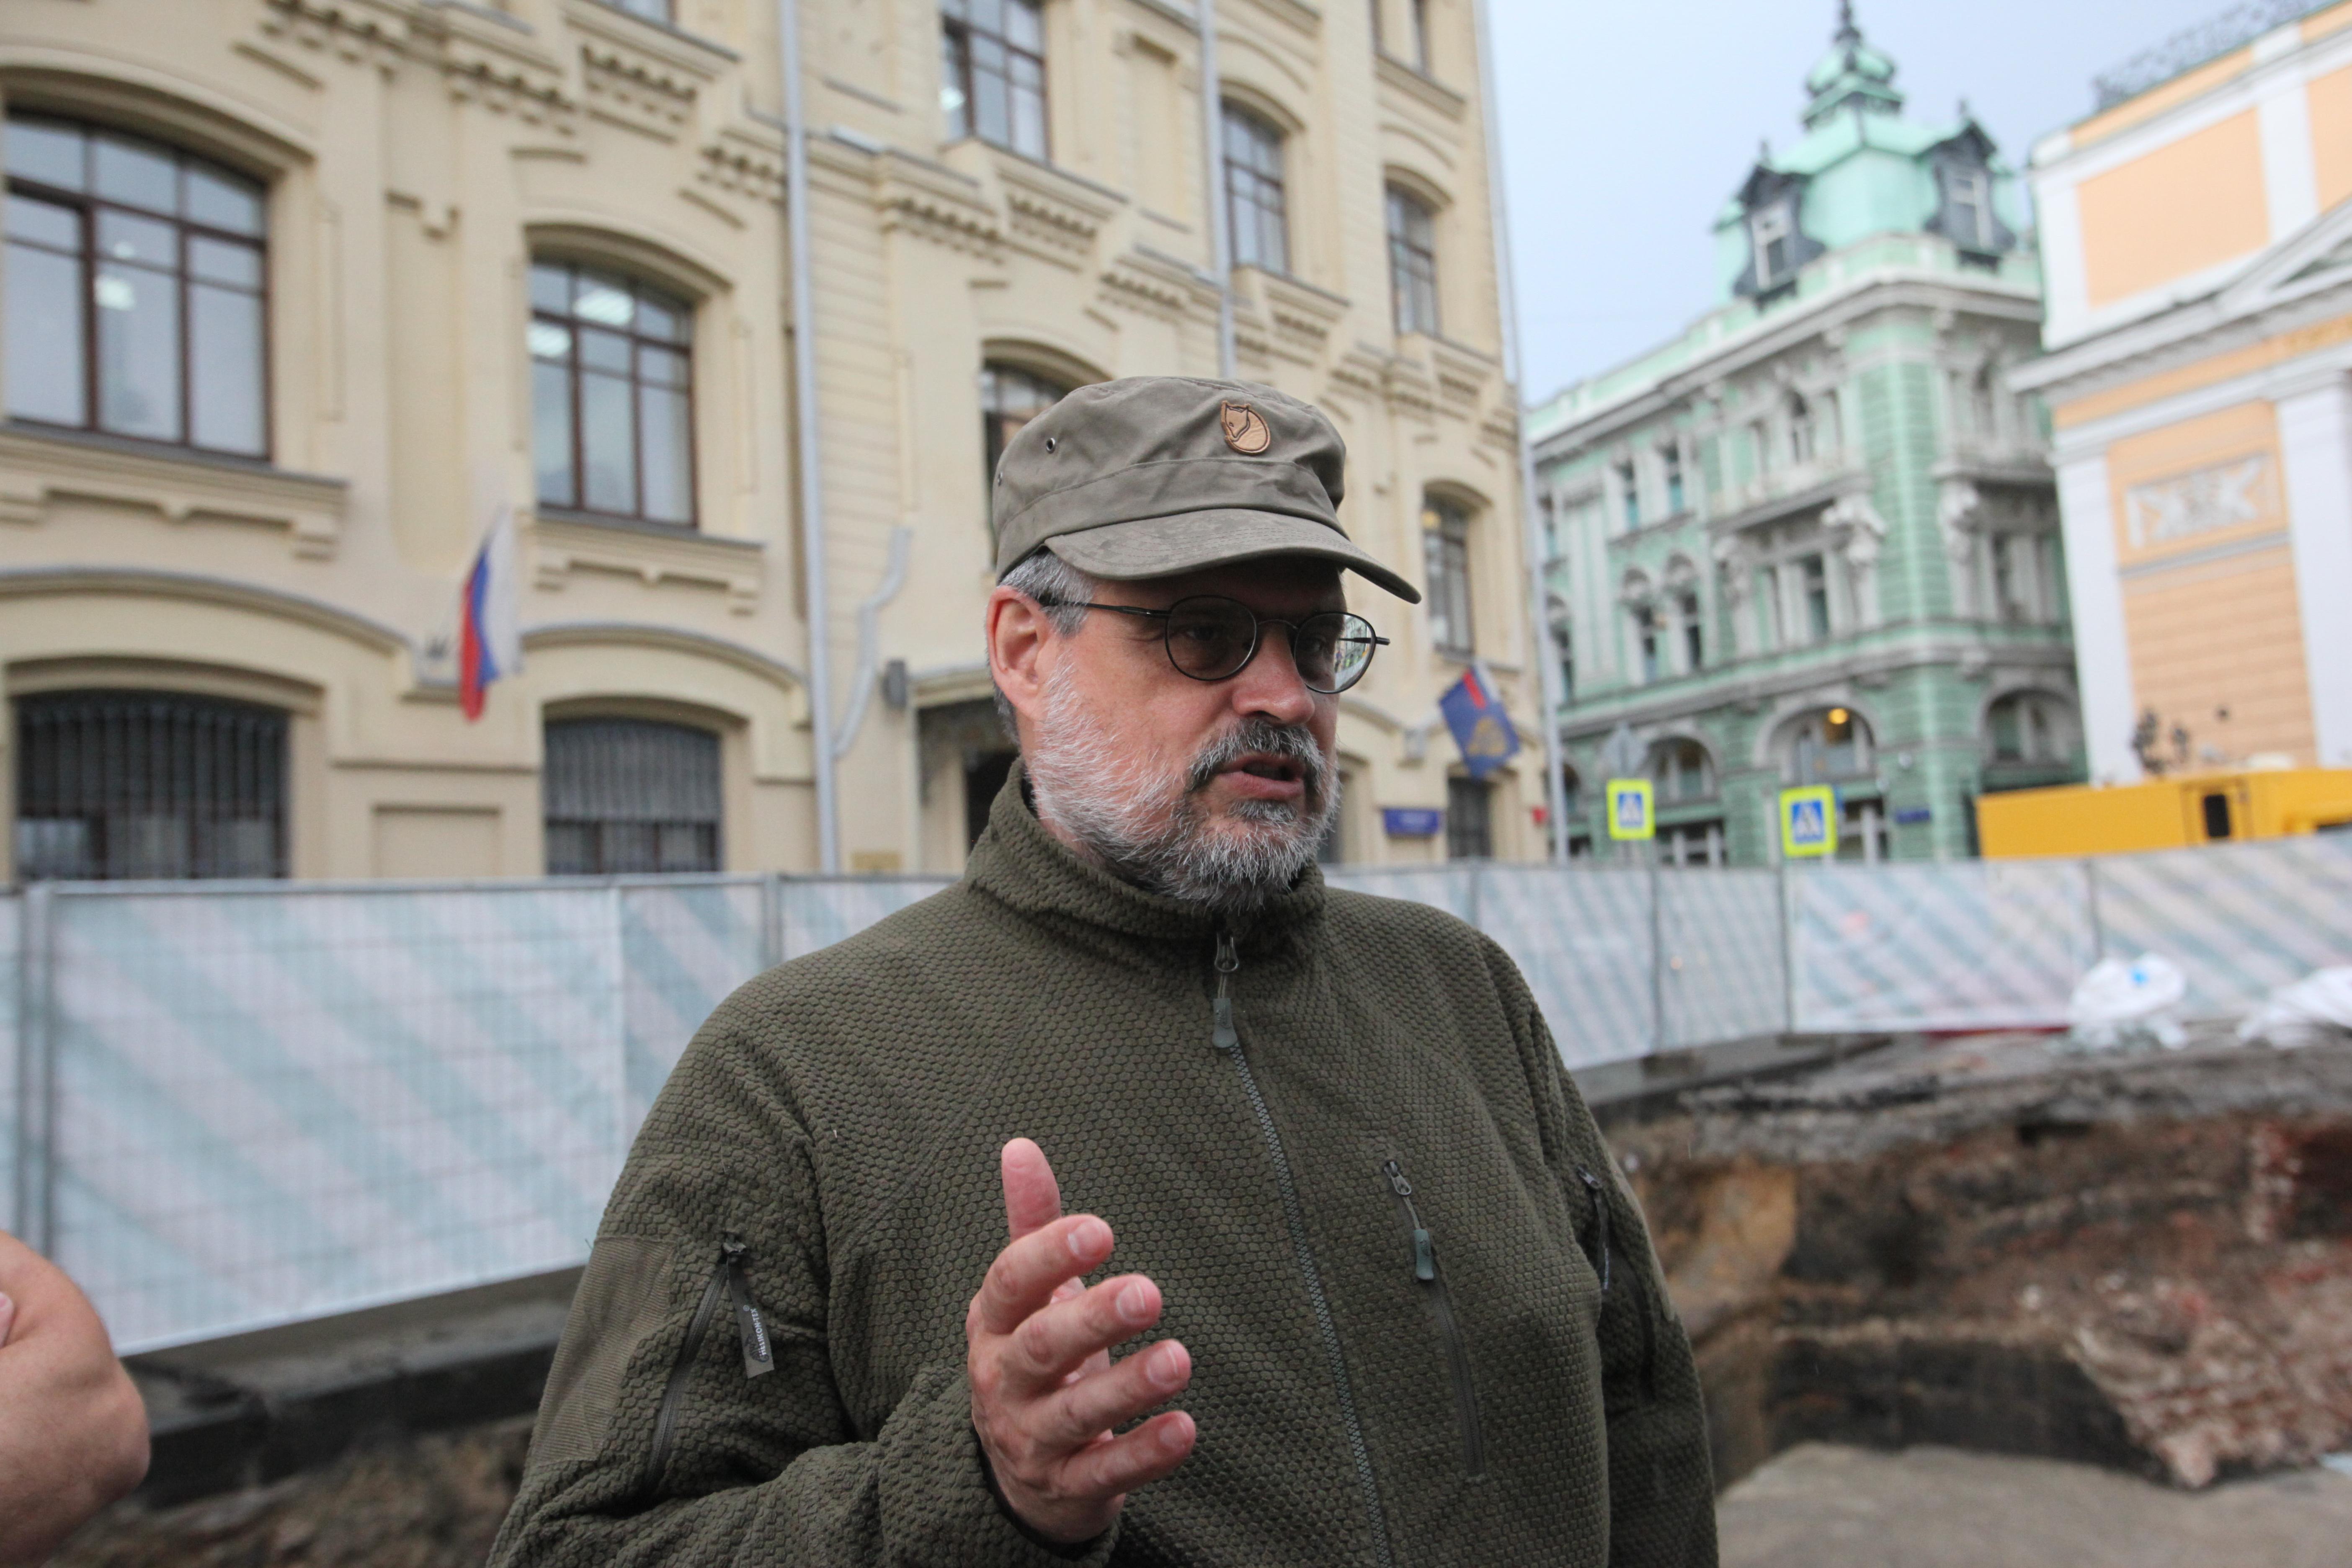 Специалист на Биржевой площади в Москве